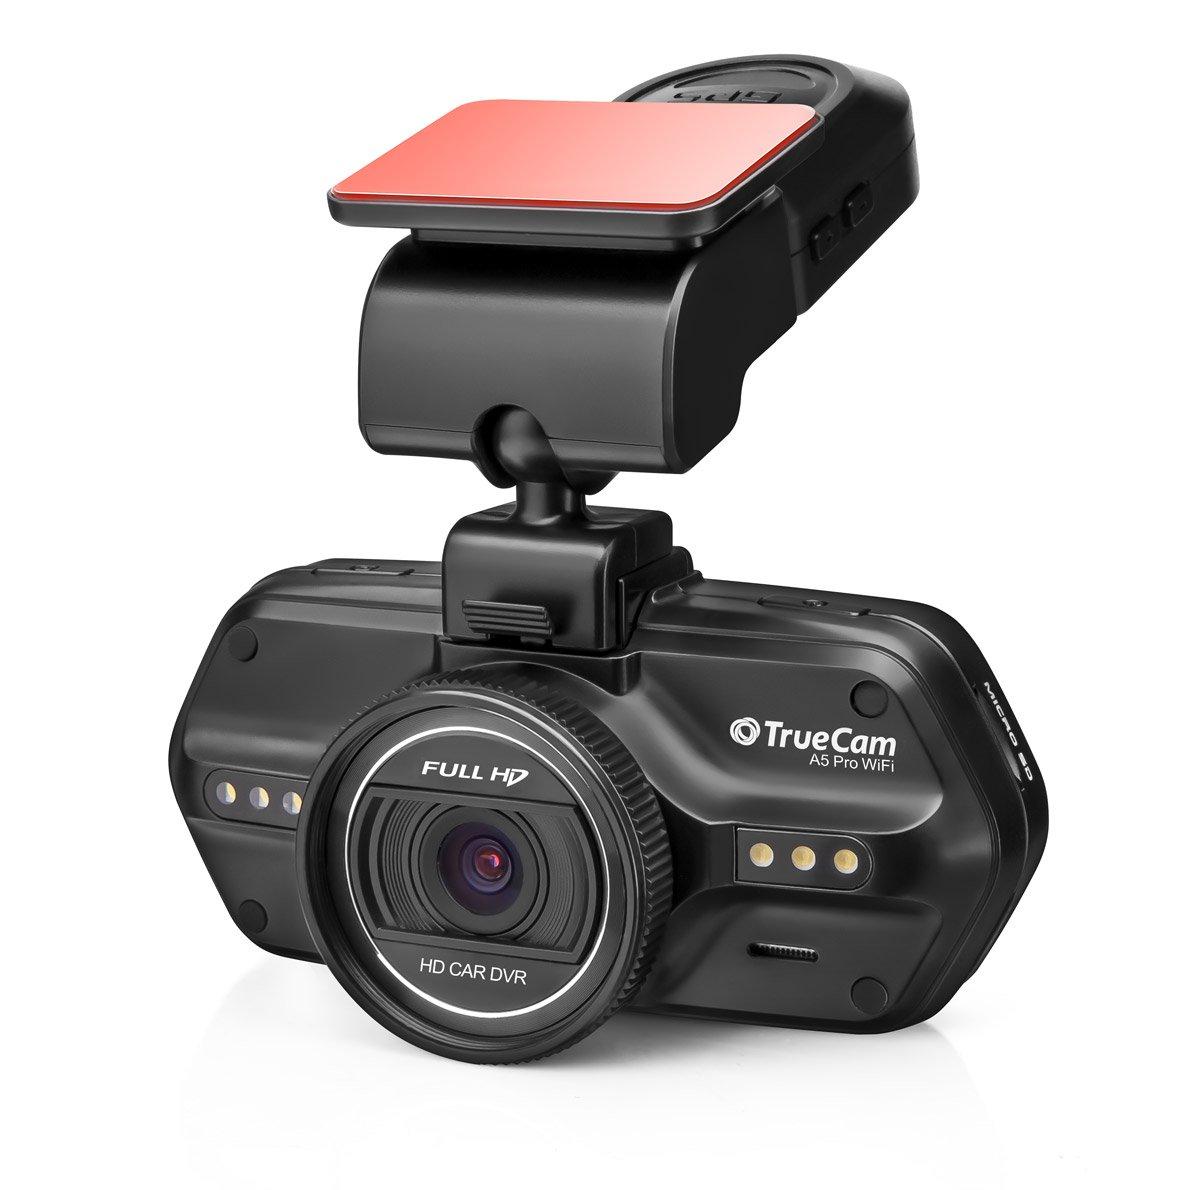 TrueCam-A5-Pro-WiFi-GPS-Dashcam-Autokamera-Full-HD-1080p-mit-Blitzerwarner-praktische-WLAN-Verbindung-Endlosschleife-G-Sensor-und-Dateisperrung-LCD-Display-mit-deutschem-Men-Schwarz